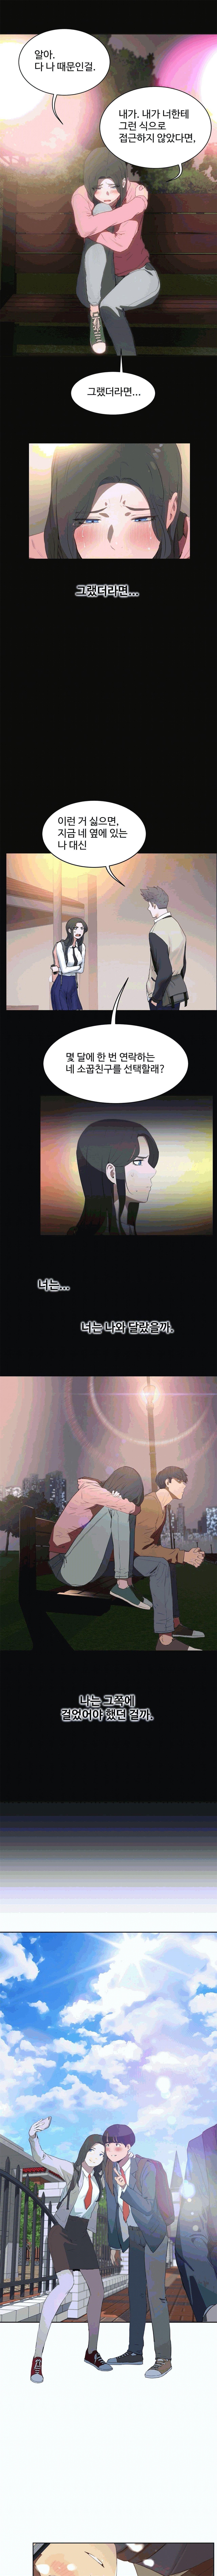 性教育 1-48.5 中文翻译(完結) 358